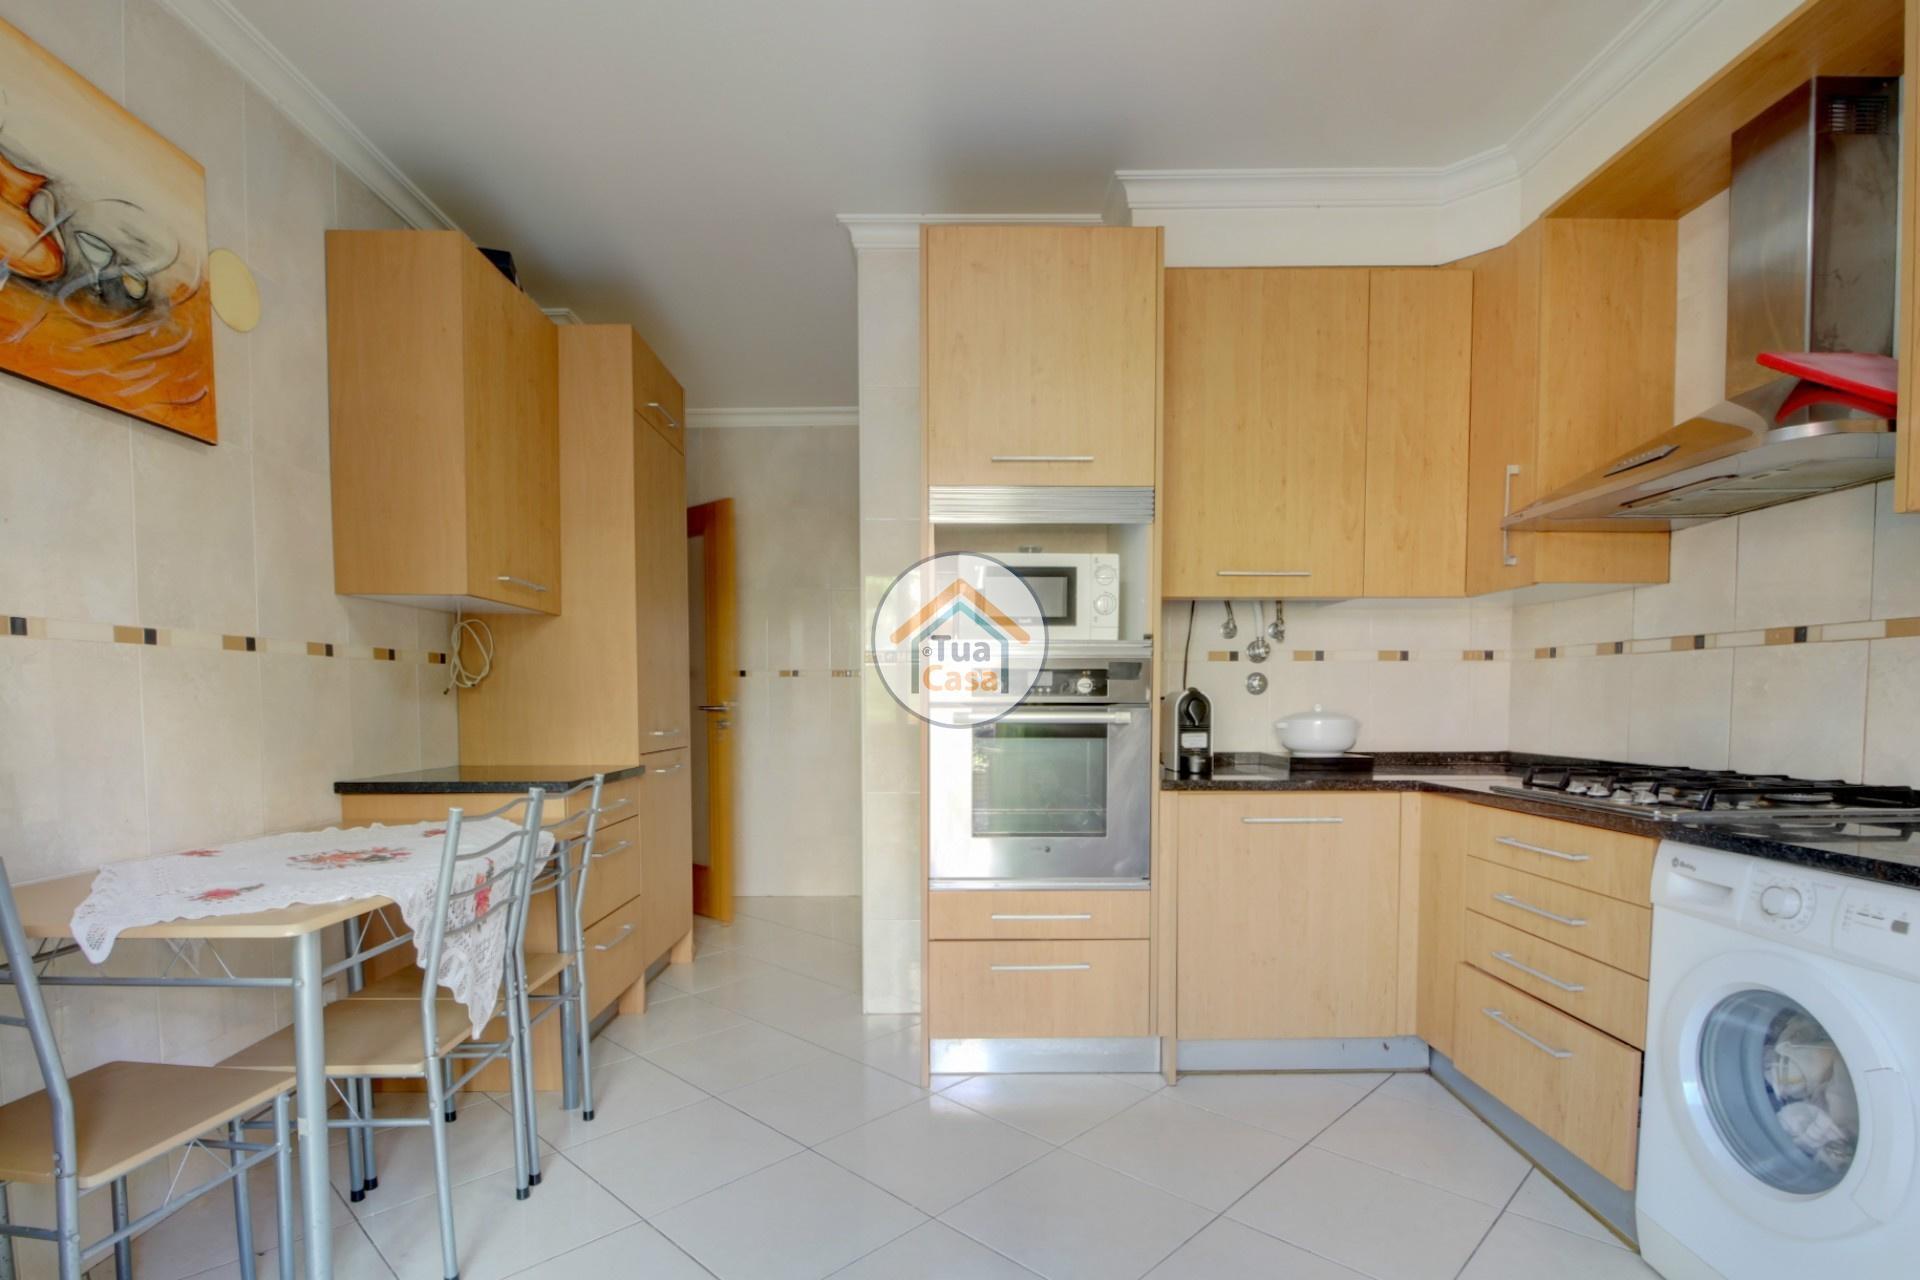 apartamento-quinta-joao-de-ourem-t2-garagem-estacionamento-rc-varanda-quintal (1)